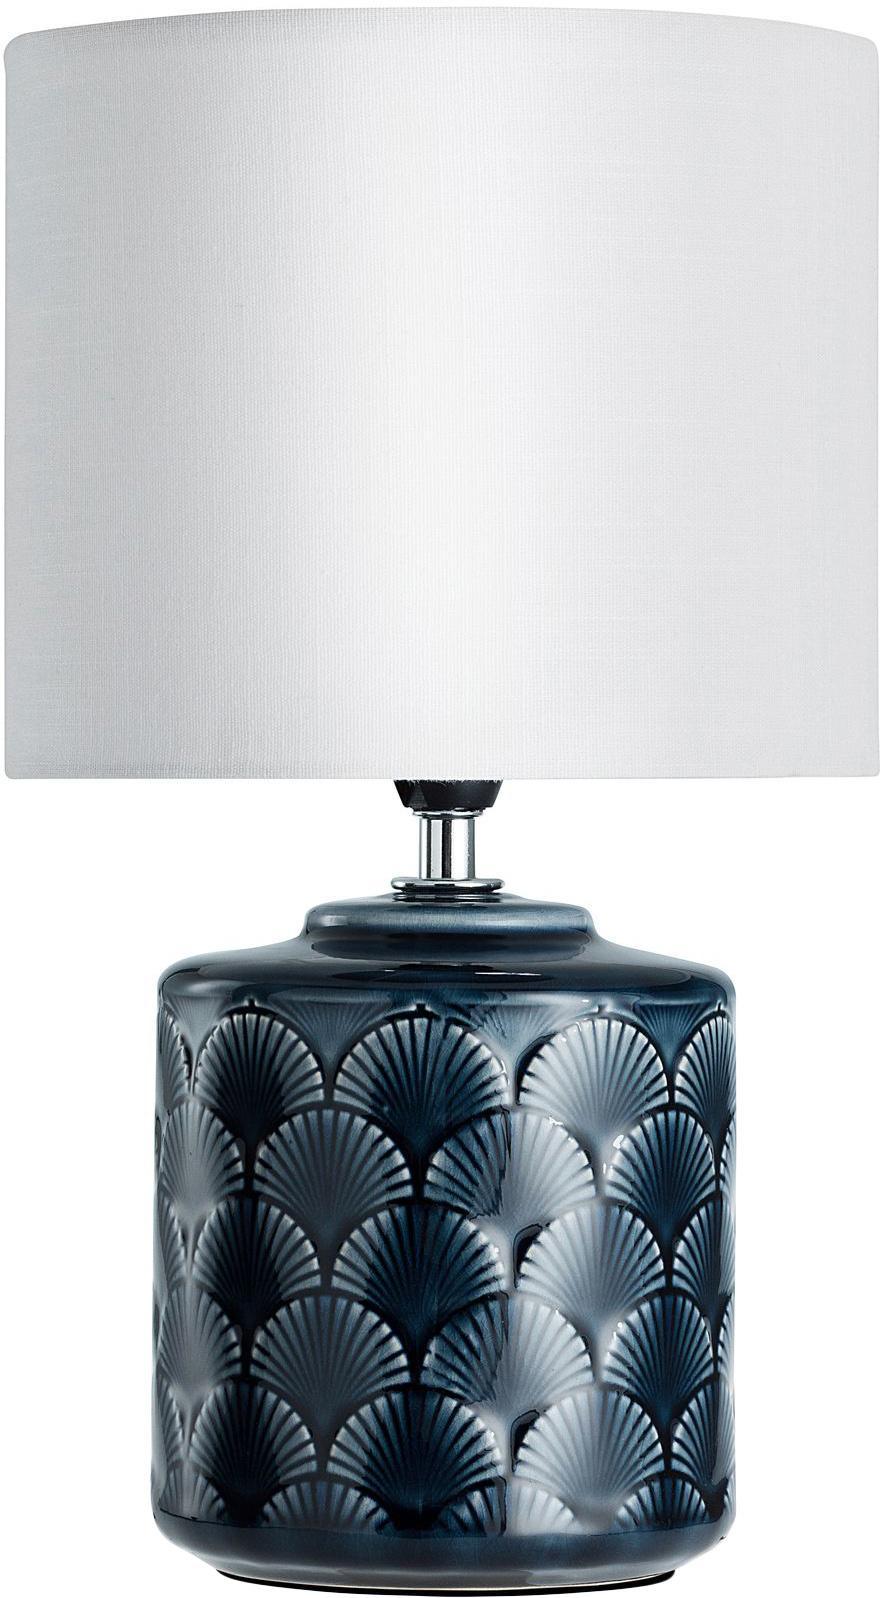 Tischlampe Lola aus Keramik, Lampenschirm: Leinen, Lampenfuß: Keramik, Dunkelblau, Weiß, Ø 18 x H 32 cm